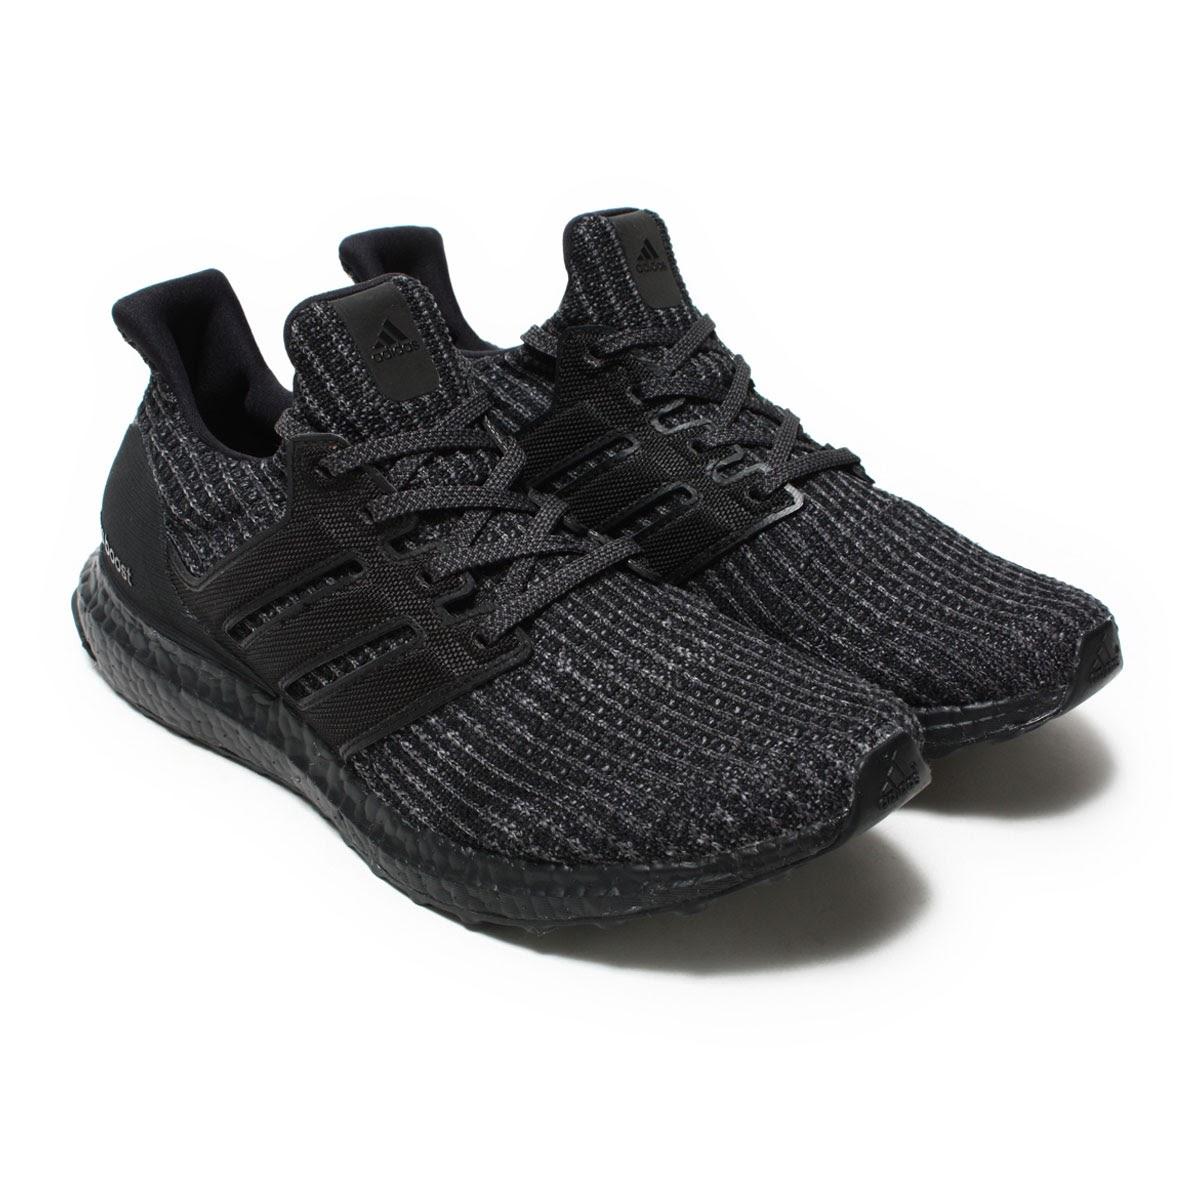 56234e64ffb0b adidas Originals UltraBOOST LTD (Adidas originals ultra boost LTD) Core  Black Core Black Core Black 18SP-I